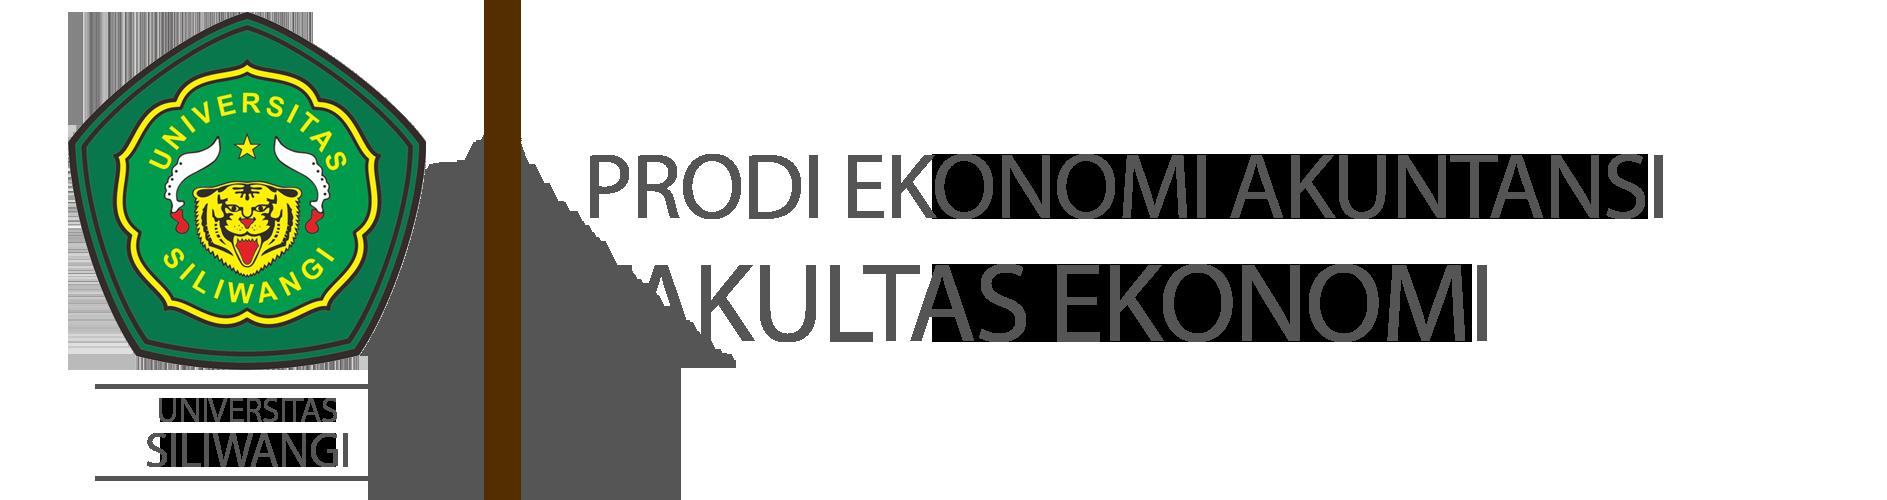 Kementerian Riset, Teknologi dan Pendidiakn Tingi | Prodi Akuntansi Universitas Siliwangi